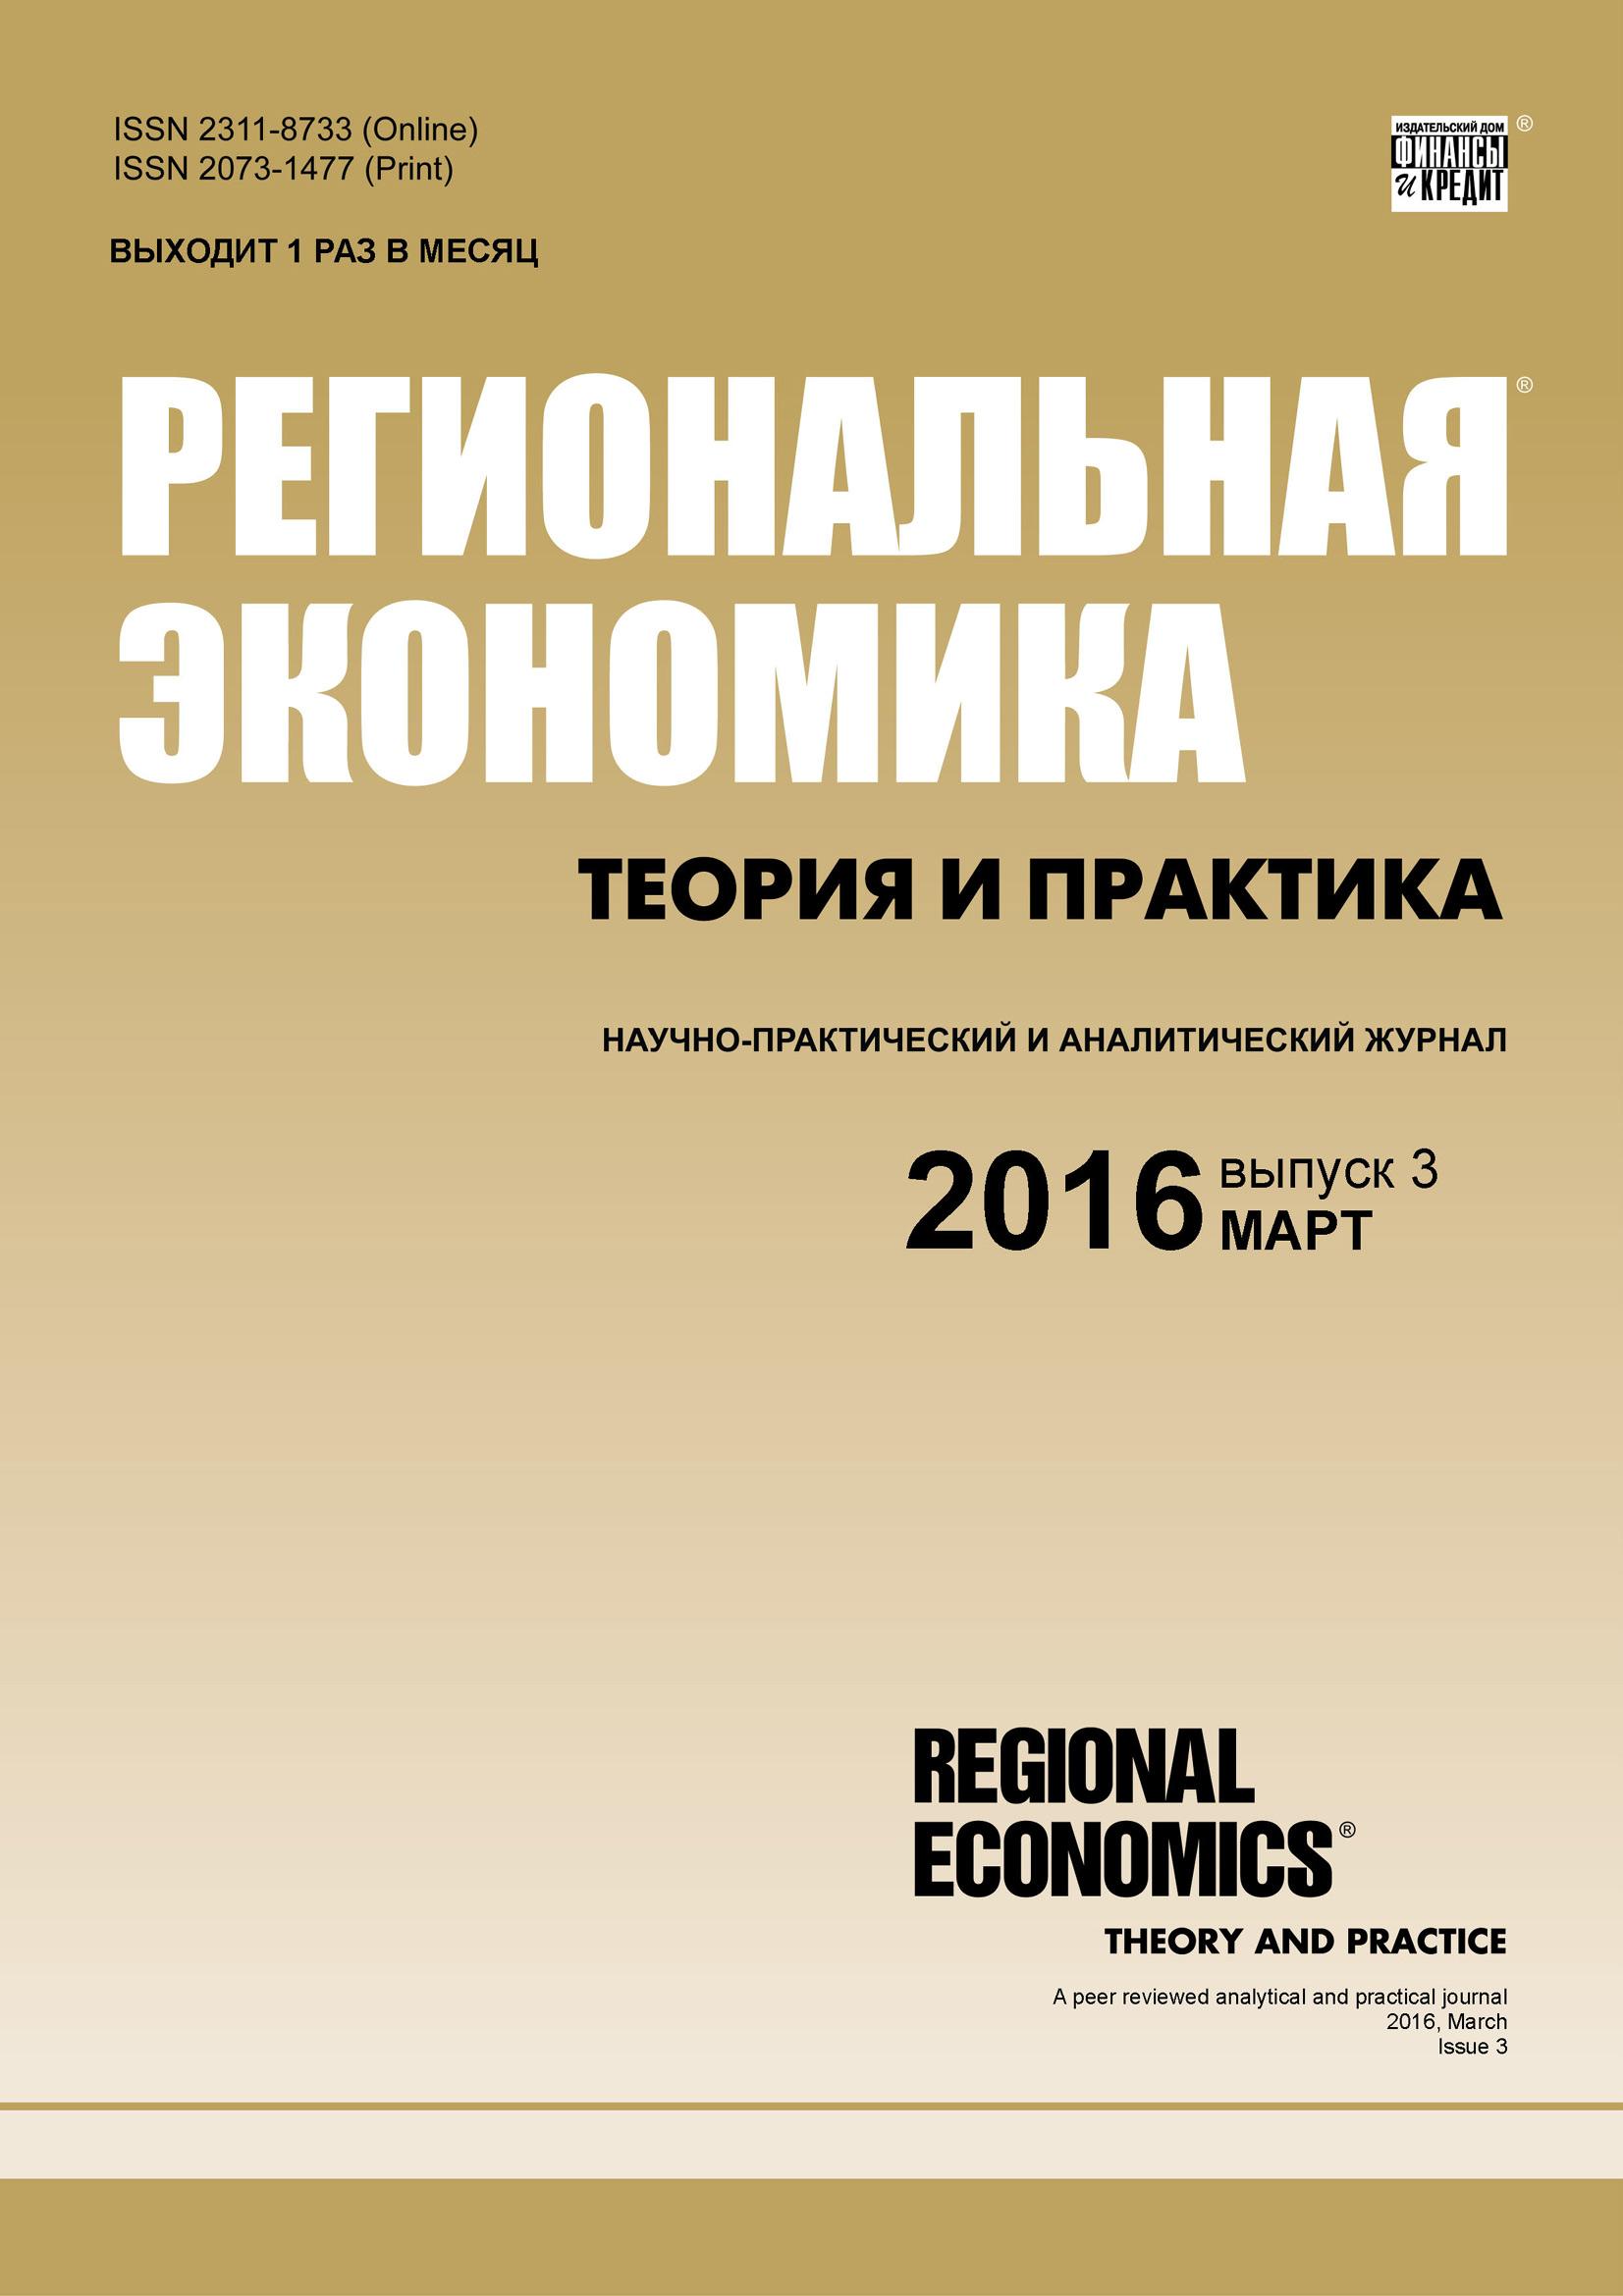 Региональная экономика: теория и практика № 3 (426) 2016